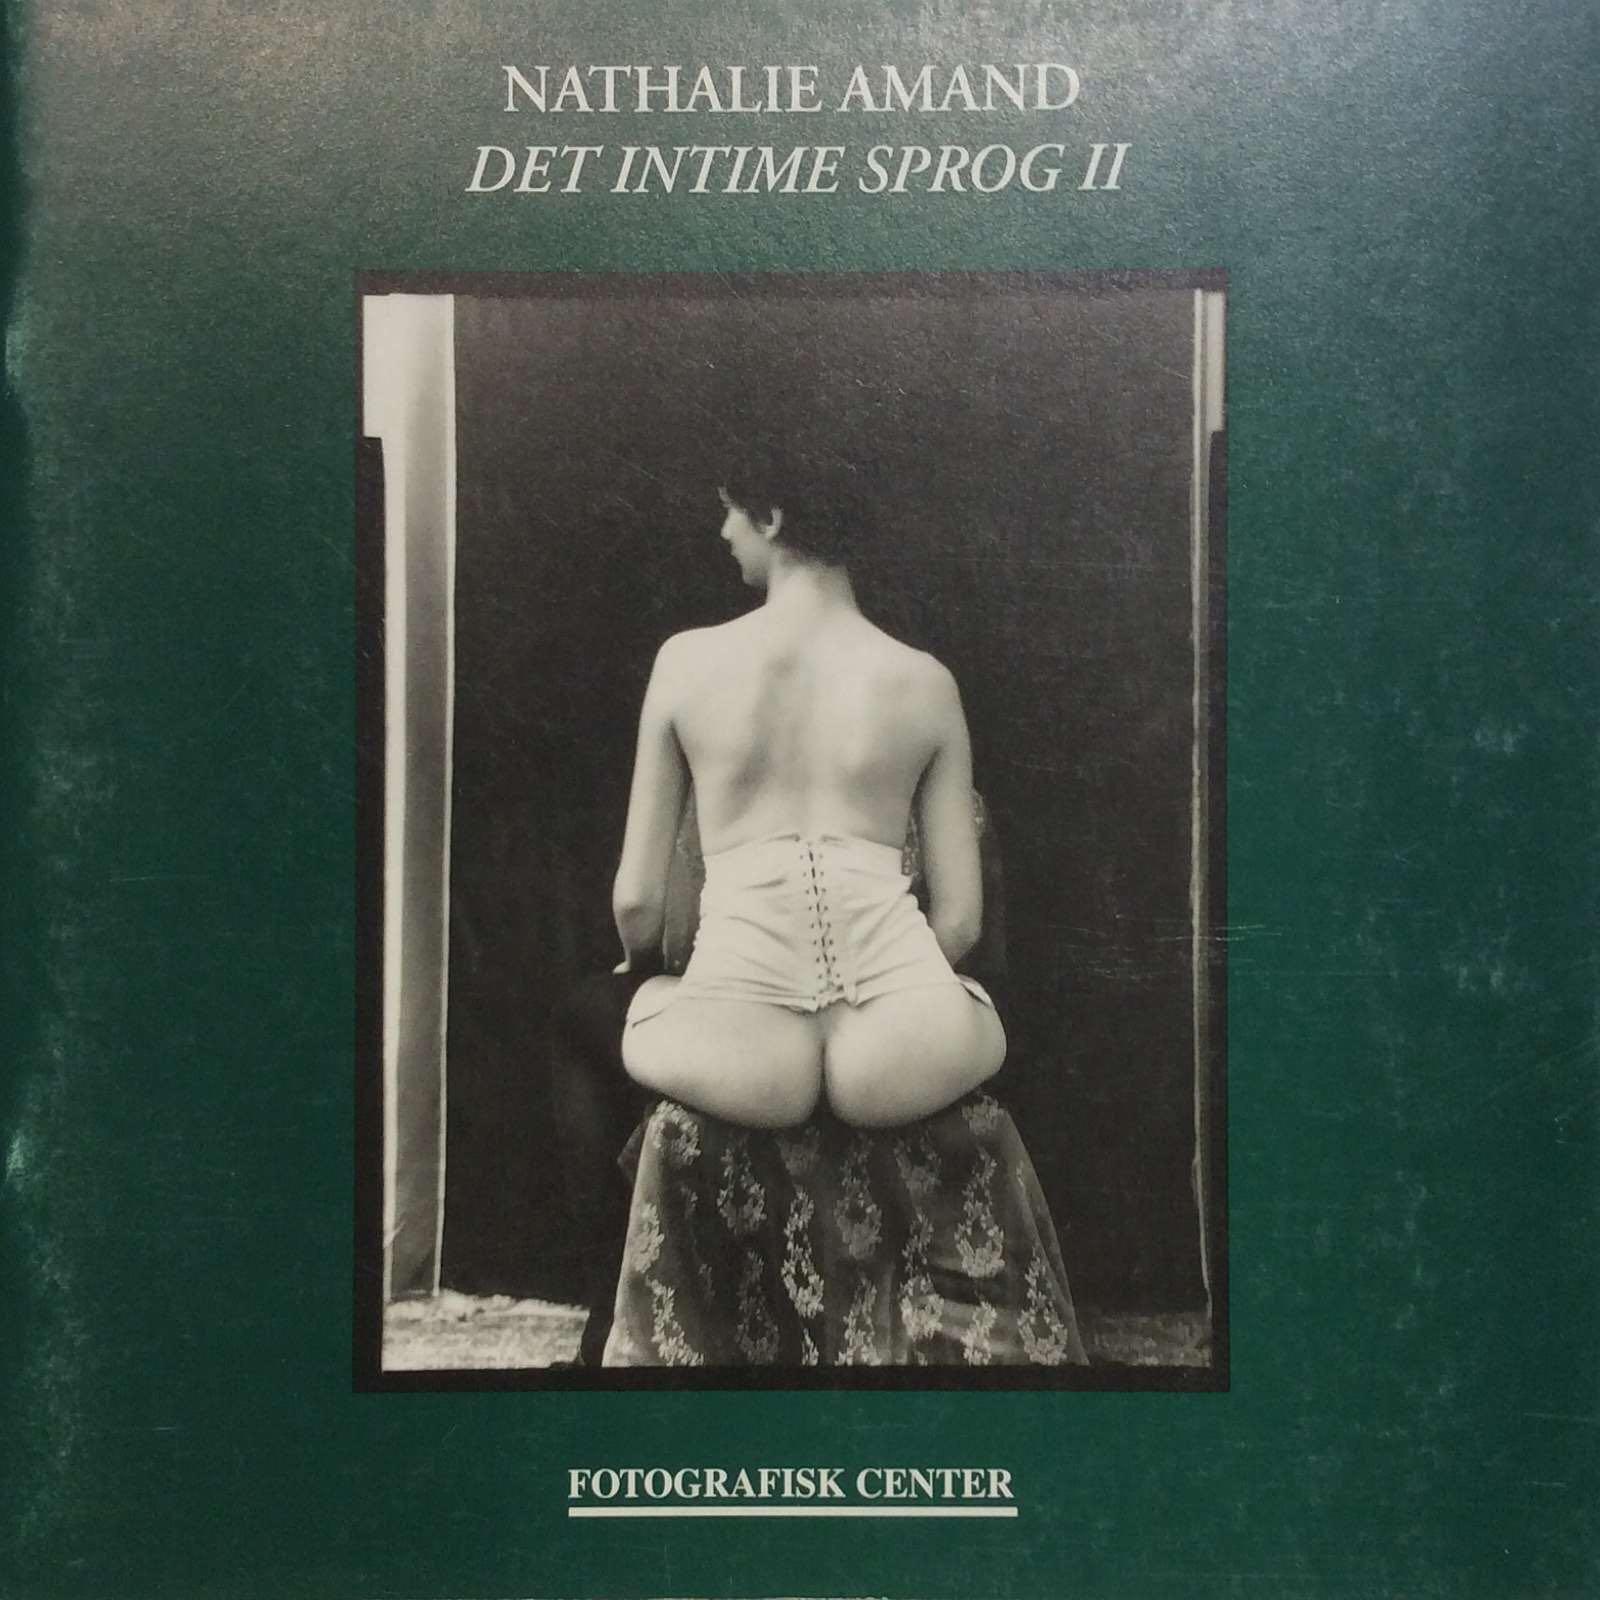 Schwander, Lars. Nathalie Amand - Det intime sprog II